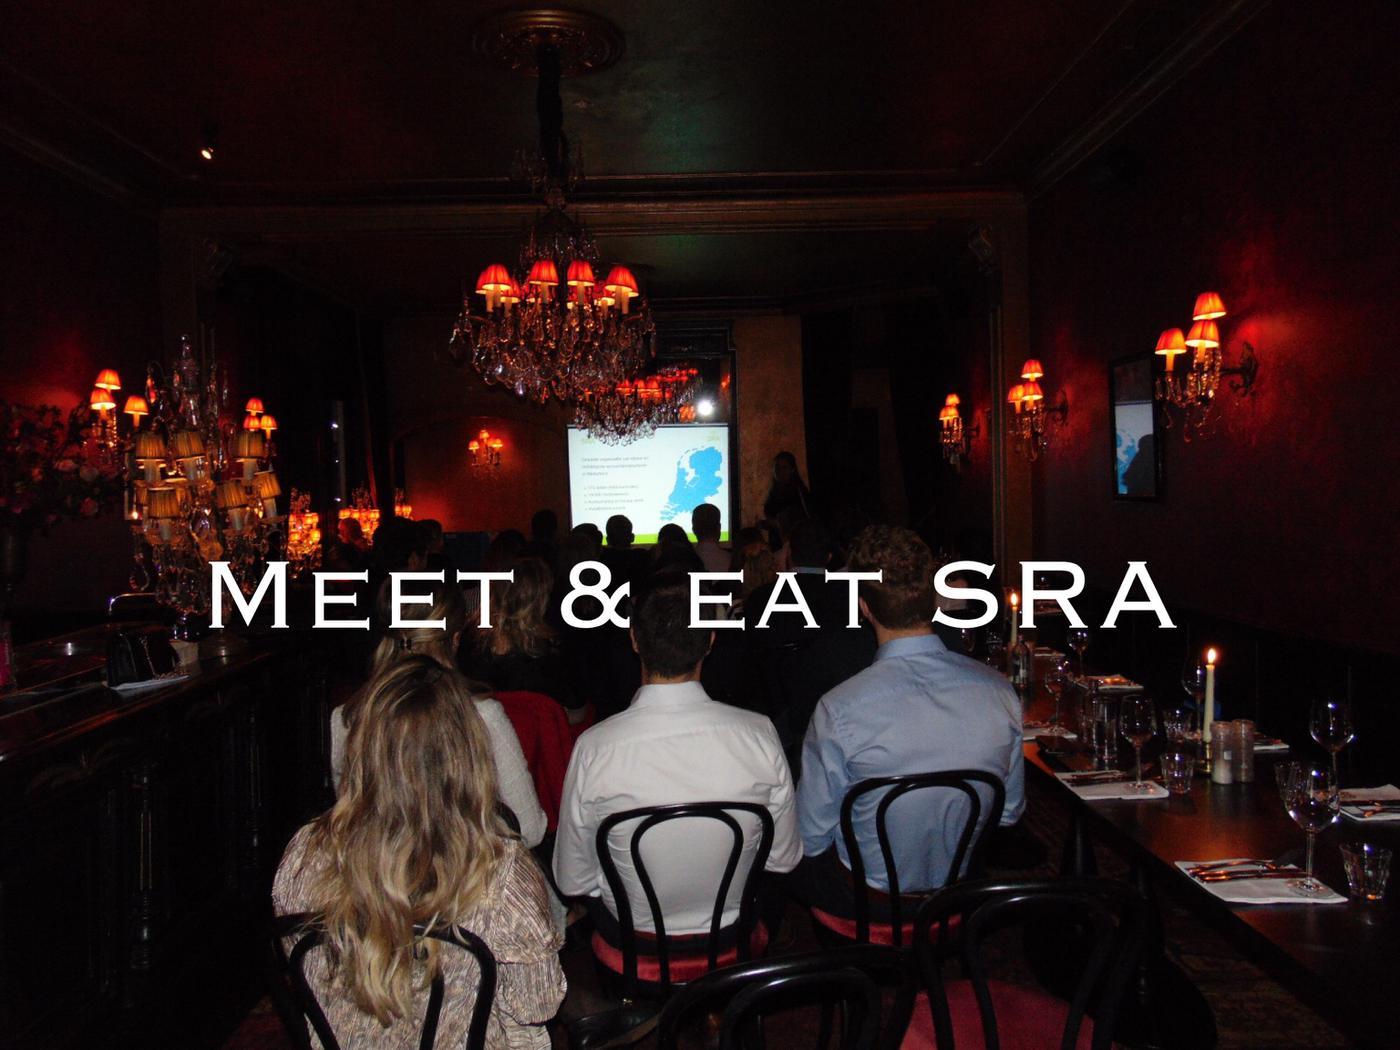 Meet & eat SRA